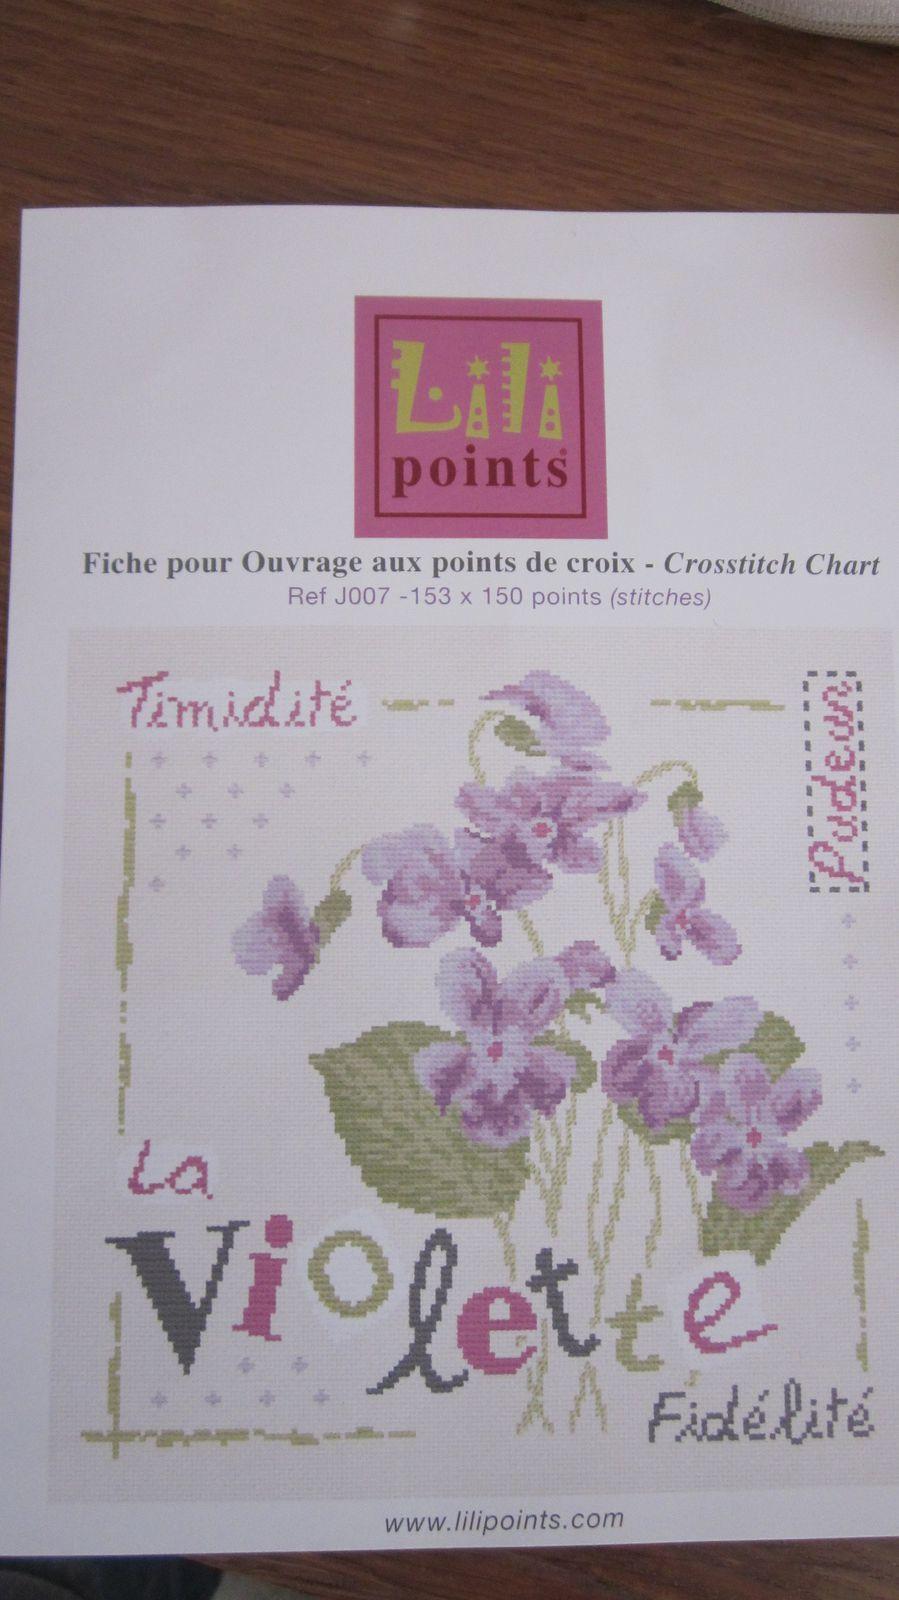 Une nouvelle broderie de commencée -  SAL LILI POINTS   -   La violette